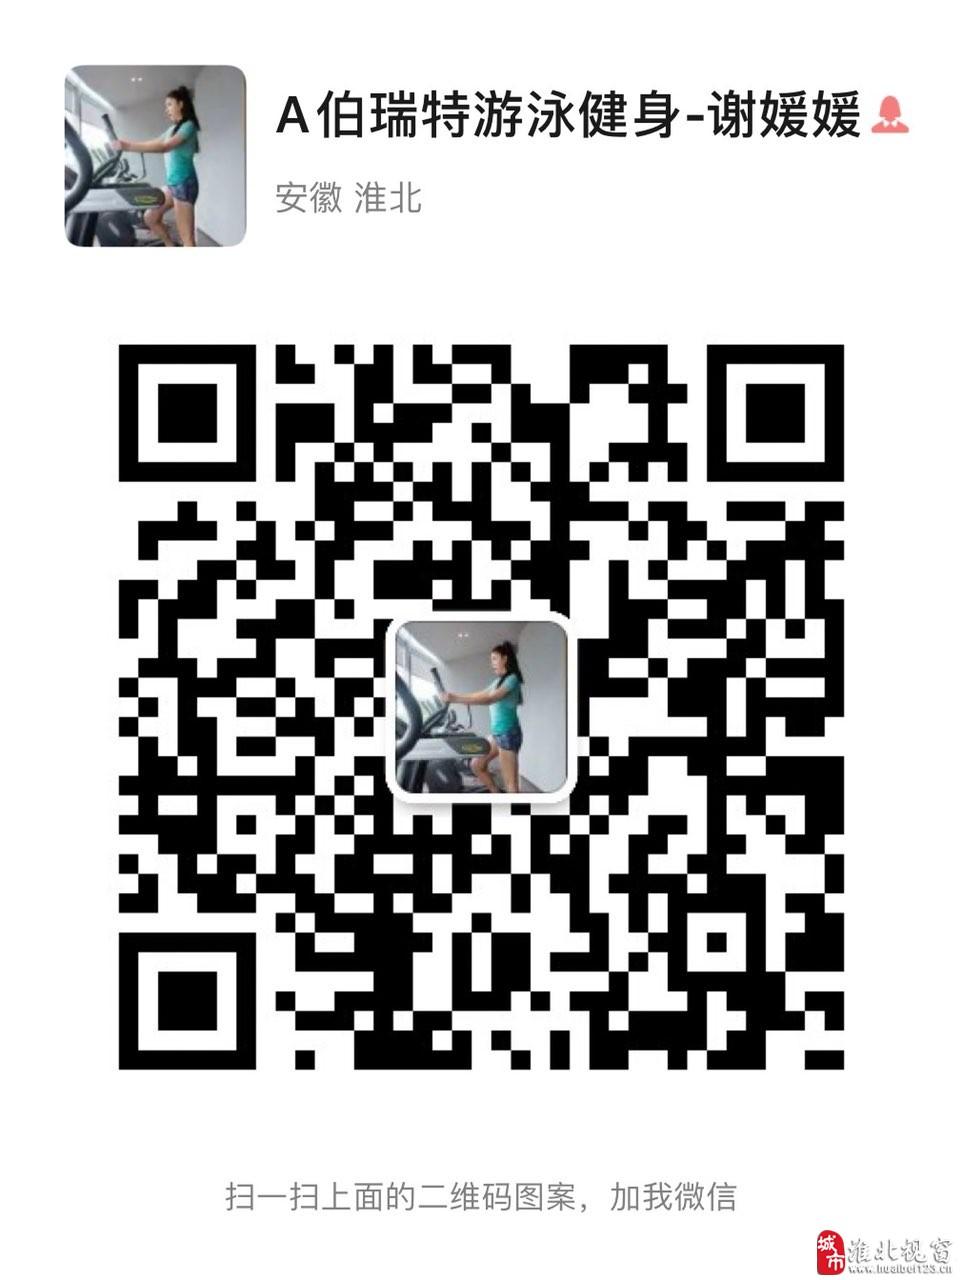 20200409540501586398397921711.jpg